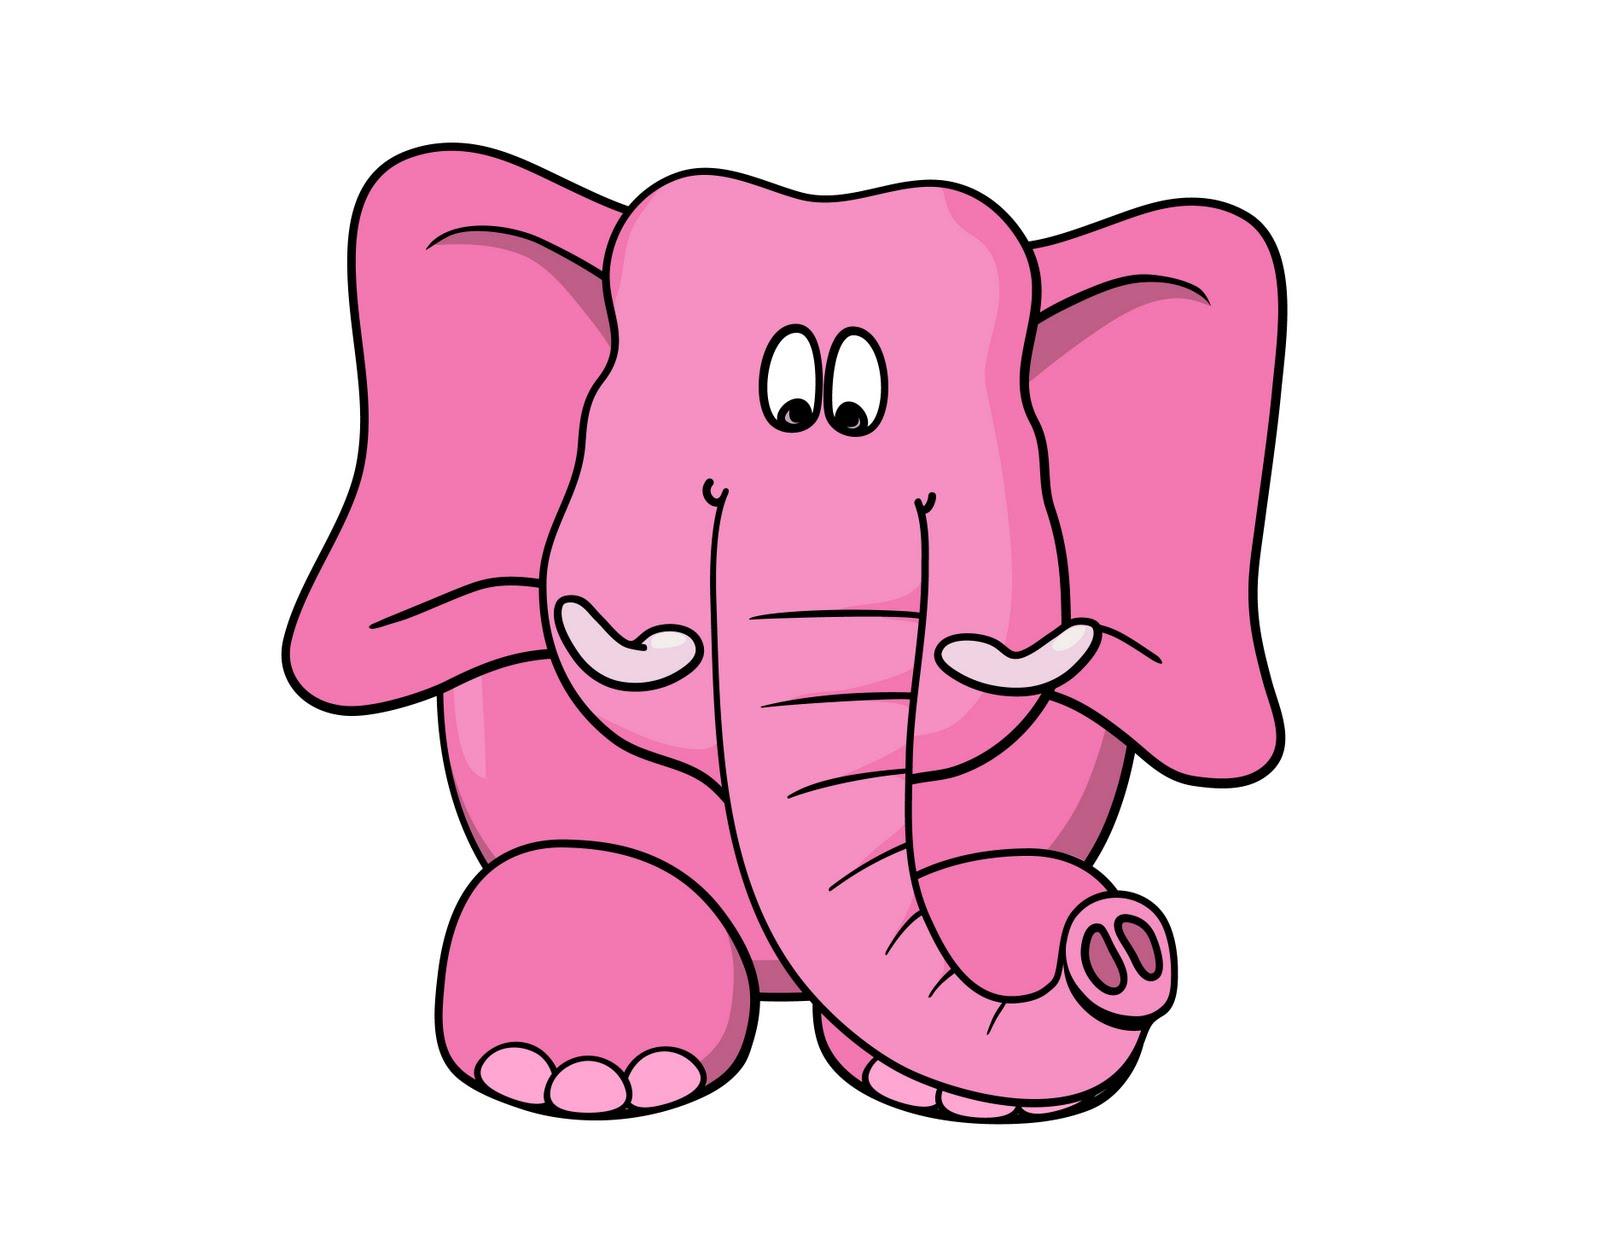 Funny Elephant Cartoon - Cliparts.co